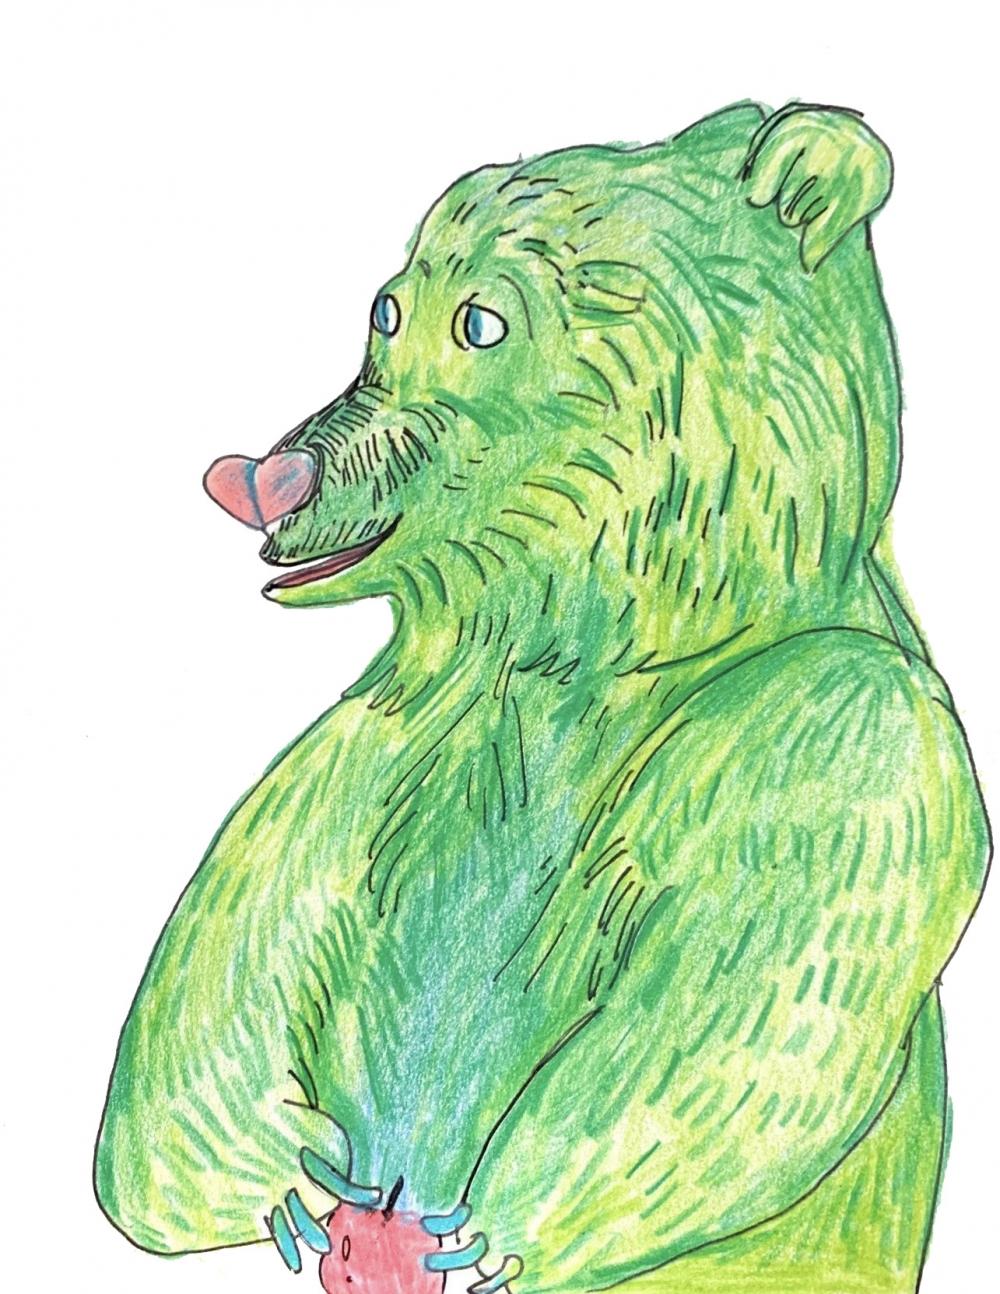 exid593wid567 / Green bear